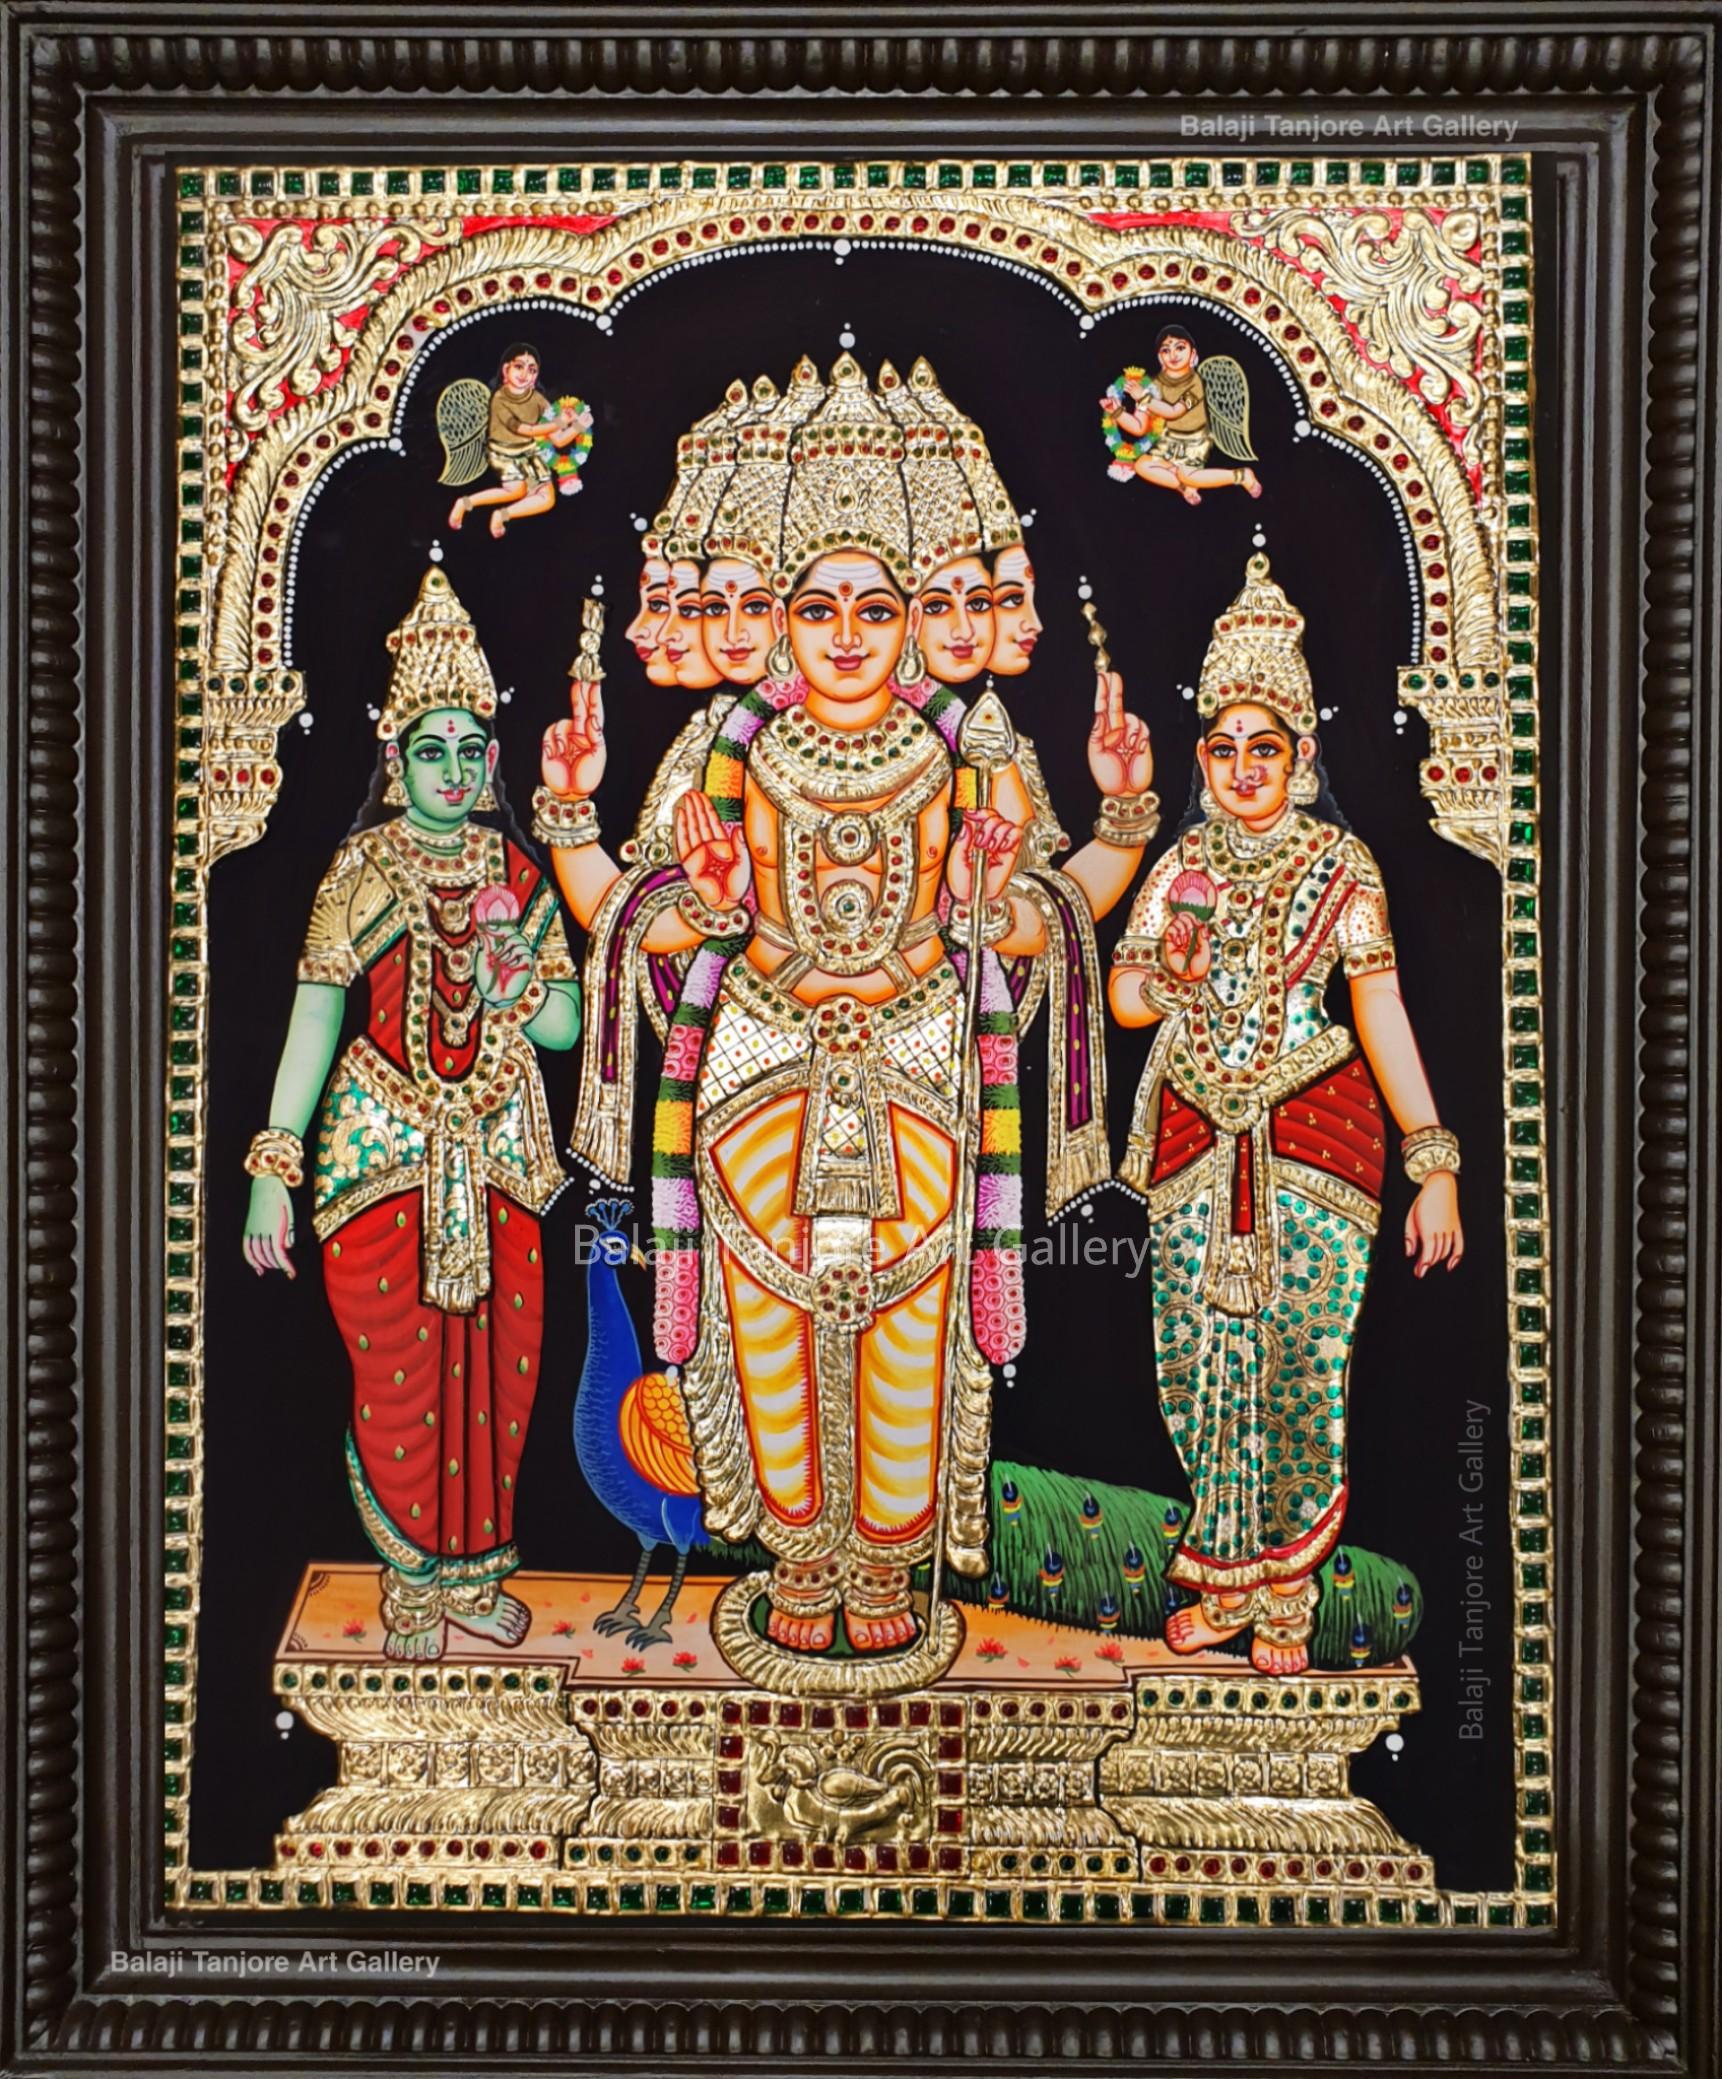 valli deivanai murugan grand tanjore painting